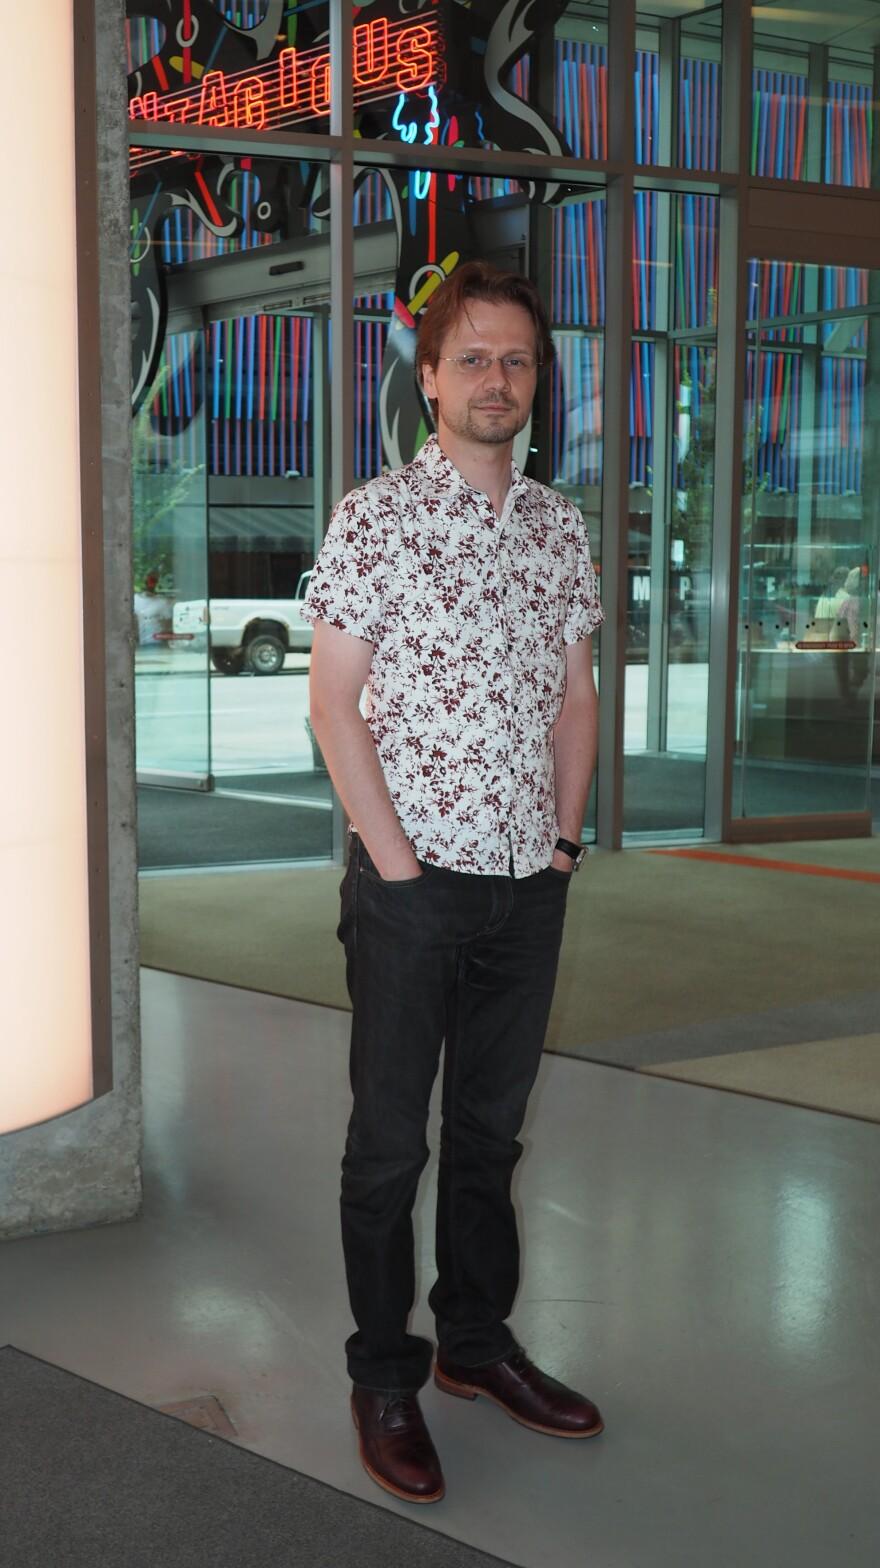 Steven Matijcio, Curator of the Cincinnati Contemporary Arts Center